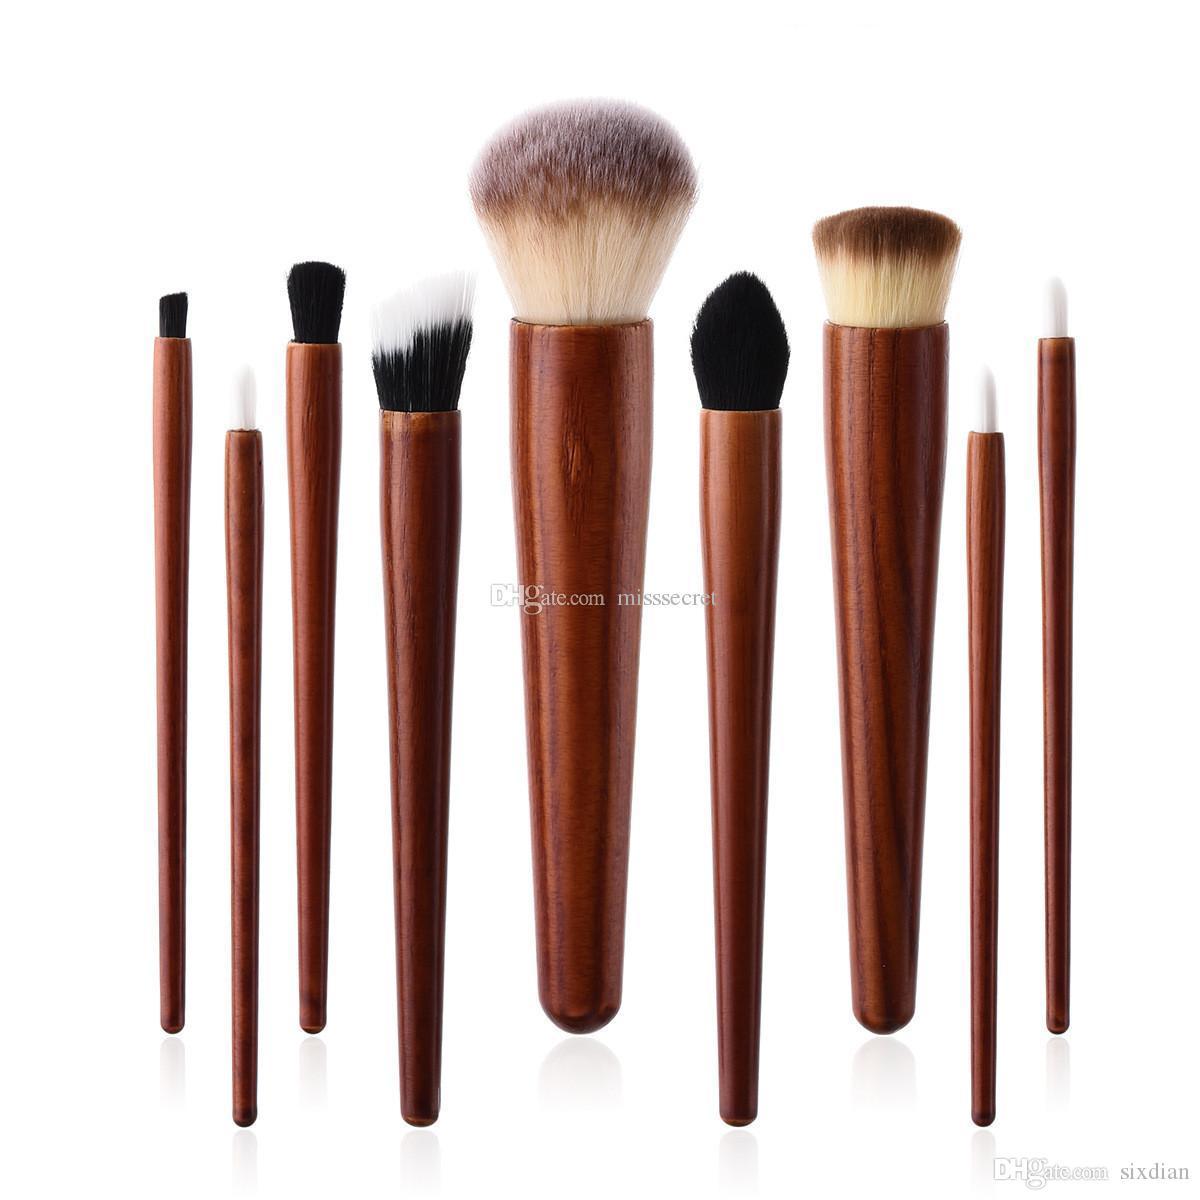 9 Teile / satz Kosmetik Make-Up Pinsel Set Holzgriff Foundation Power Lidschatten Stirn Concealer Blending Contour Schönheit Pinsel Werkzeuge Kits